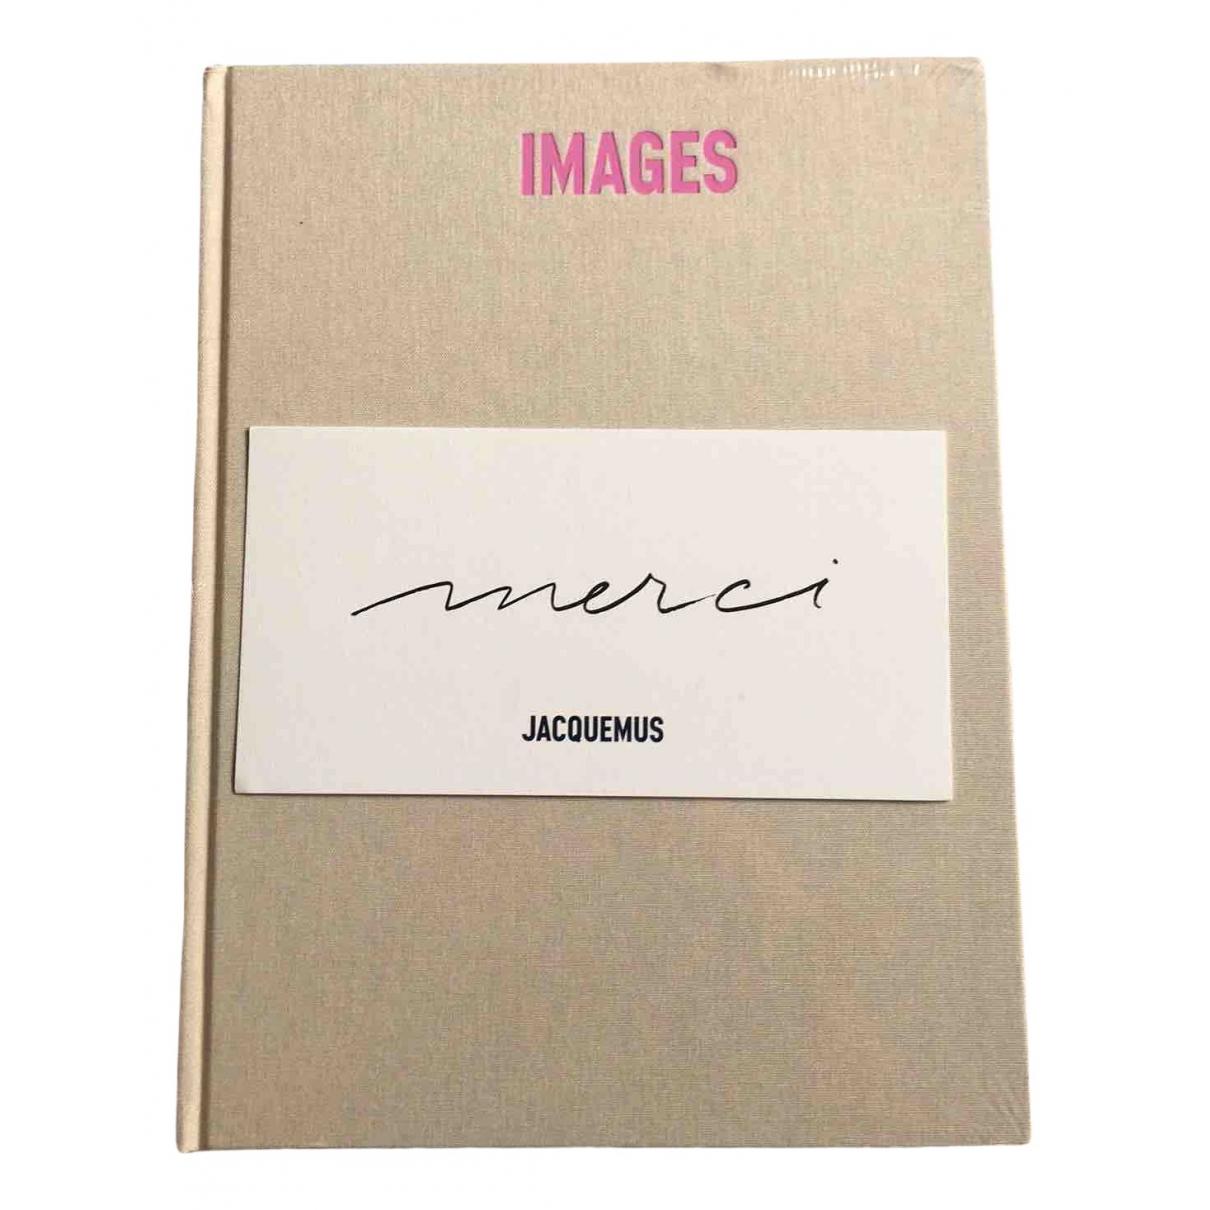 Jacquemus - Photographie   pour lifestyle en coton - beige